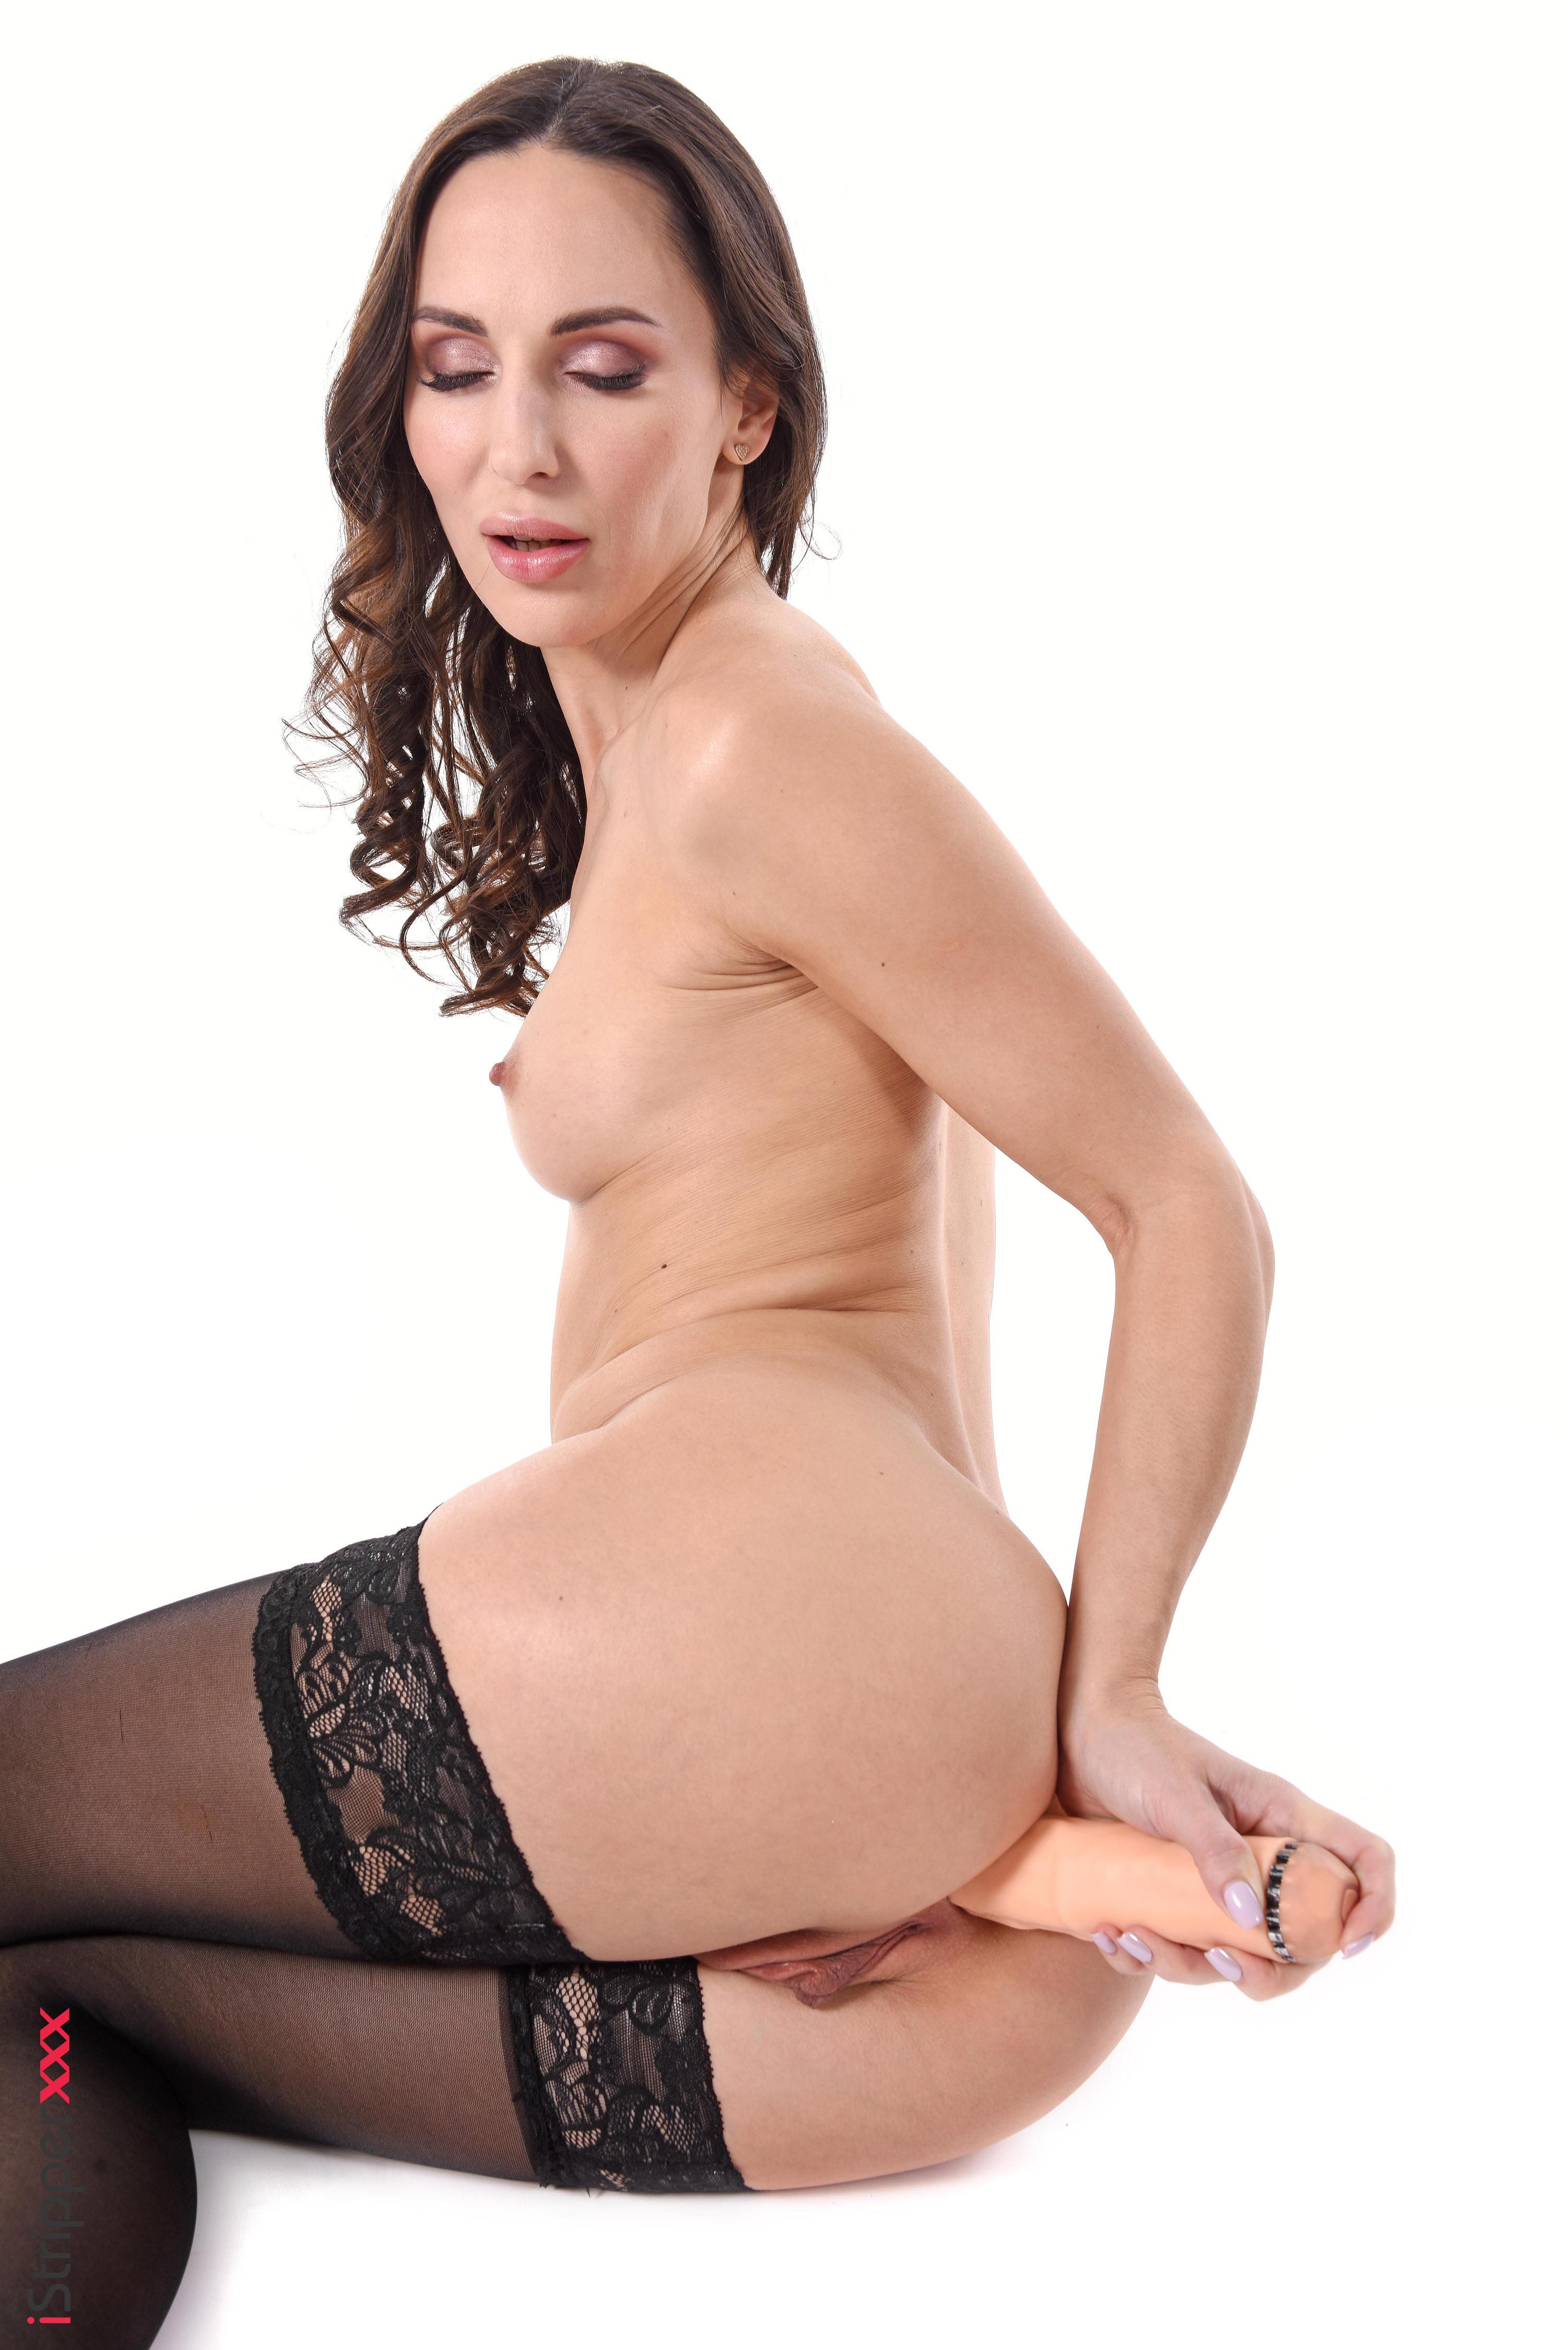 boobs wallpaer